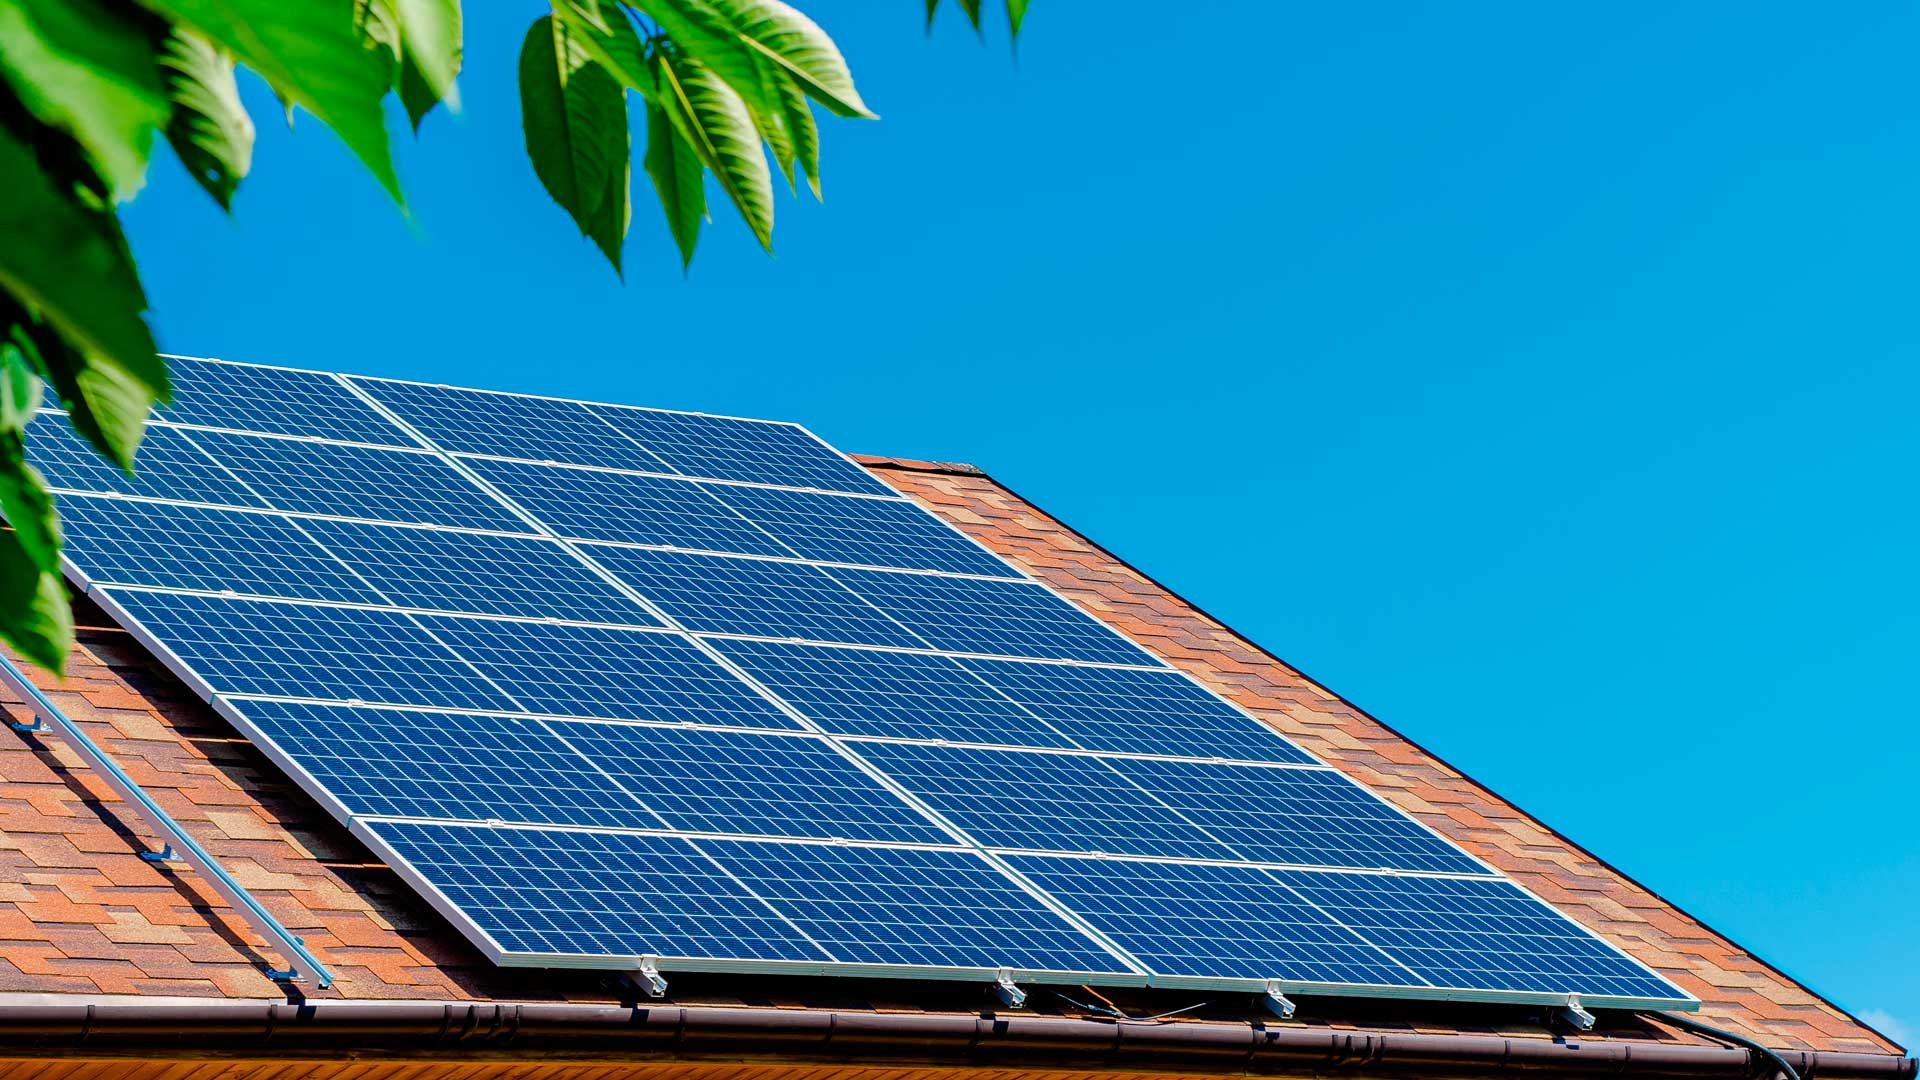 batería solar fotovoltaica